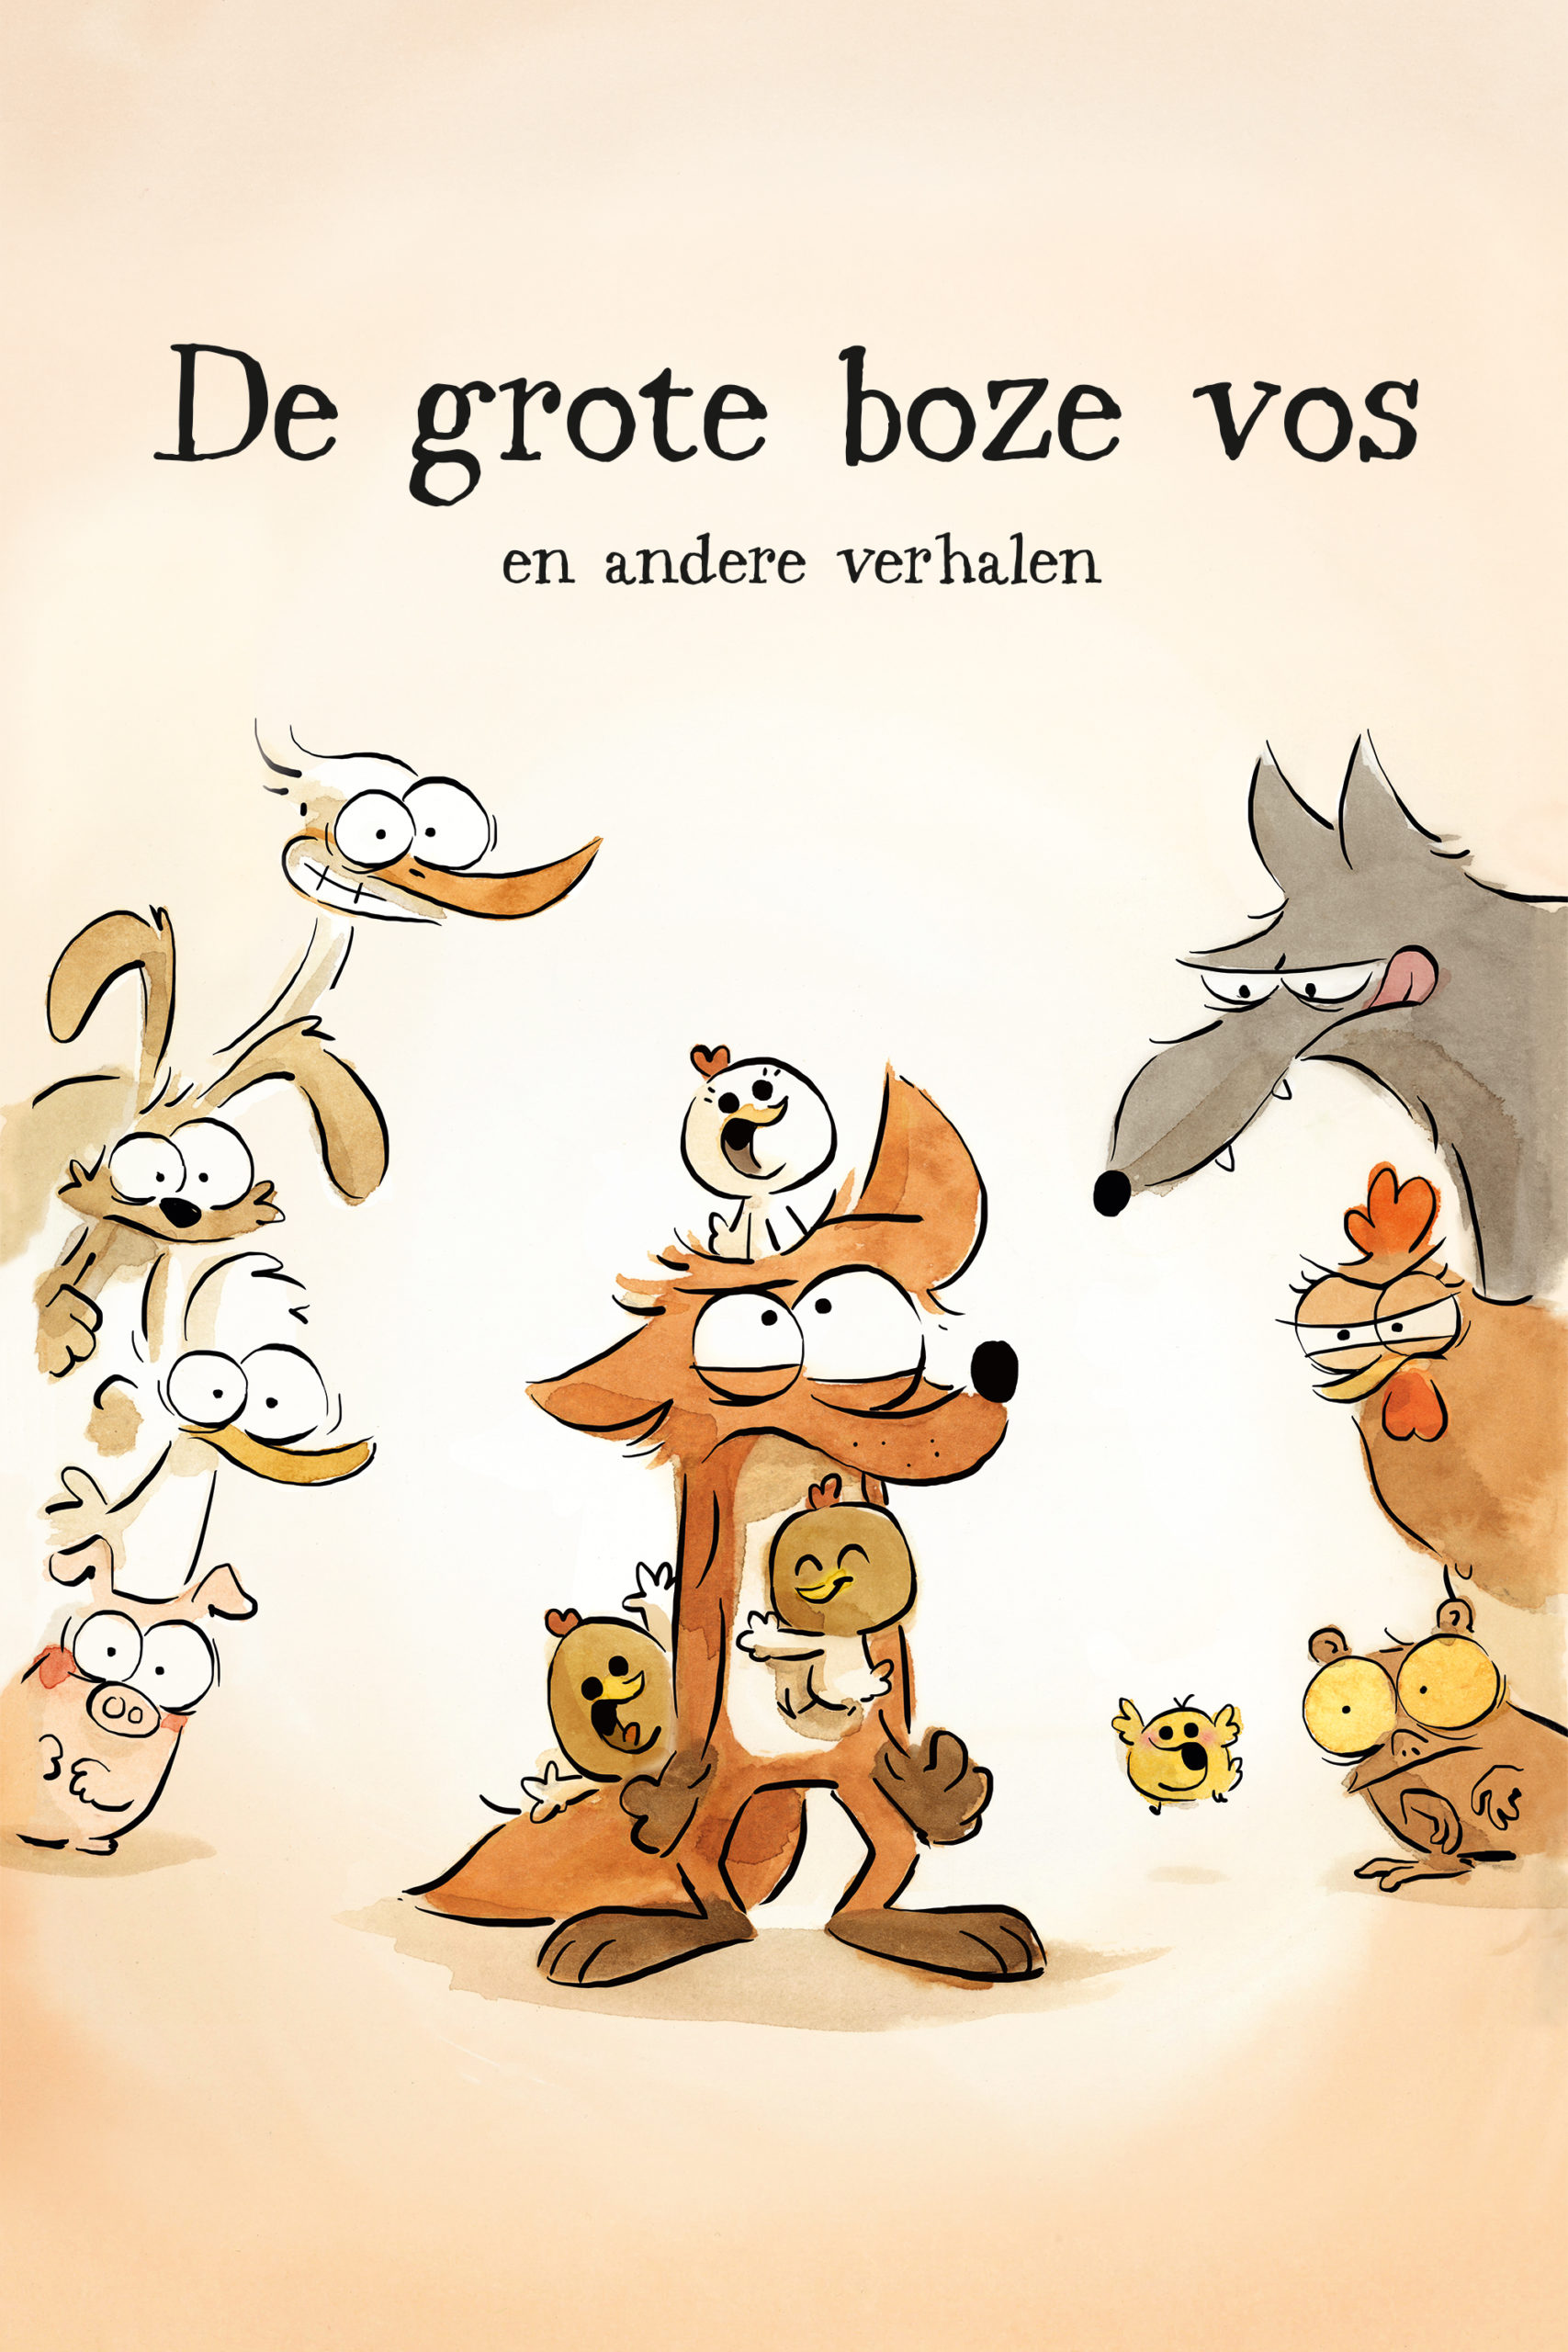 De grote boze vos en andere verhalen